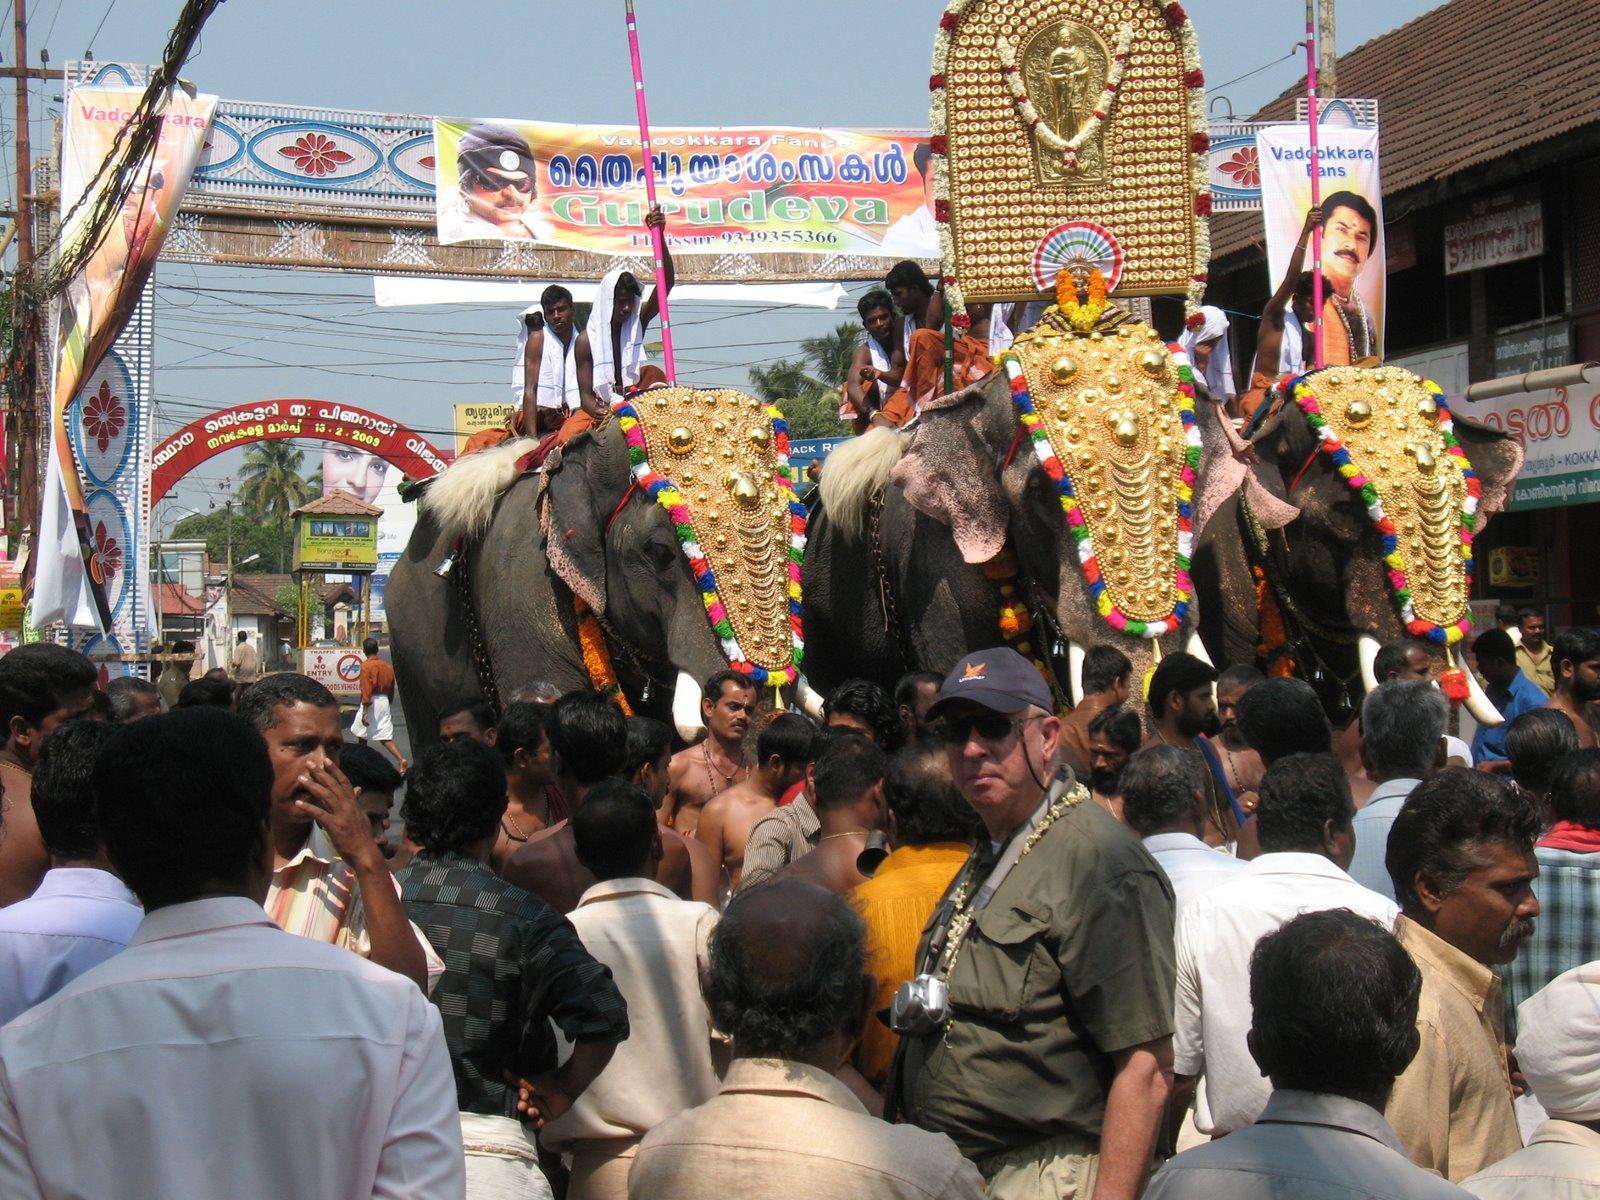 [20090208+Thrissur+Kerala+Harriet+180.jpg]